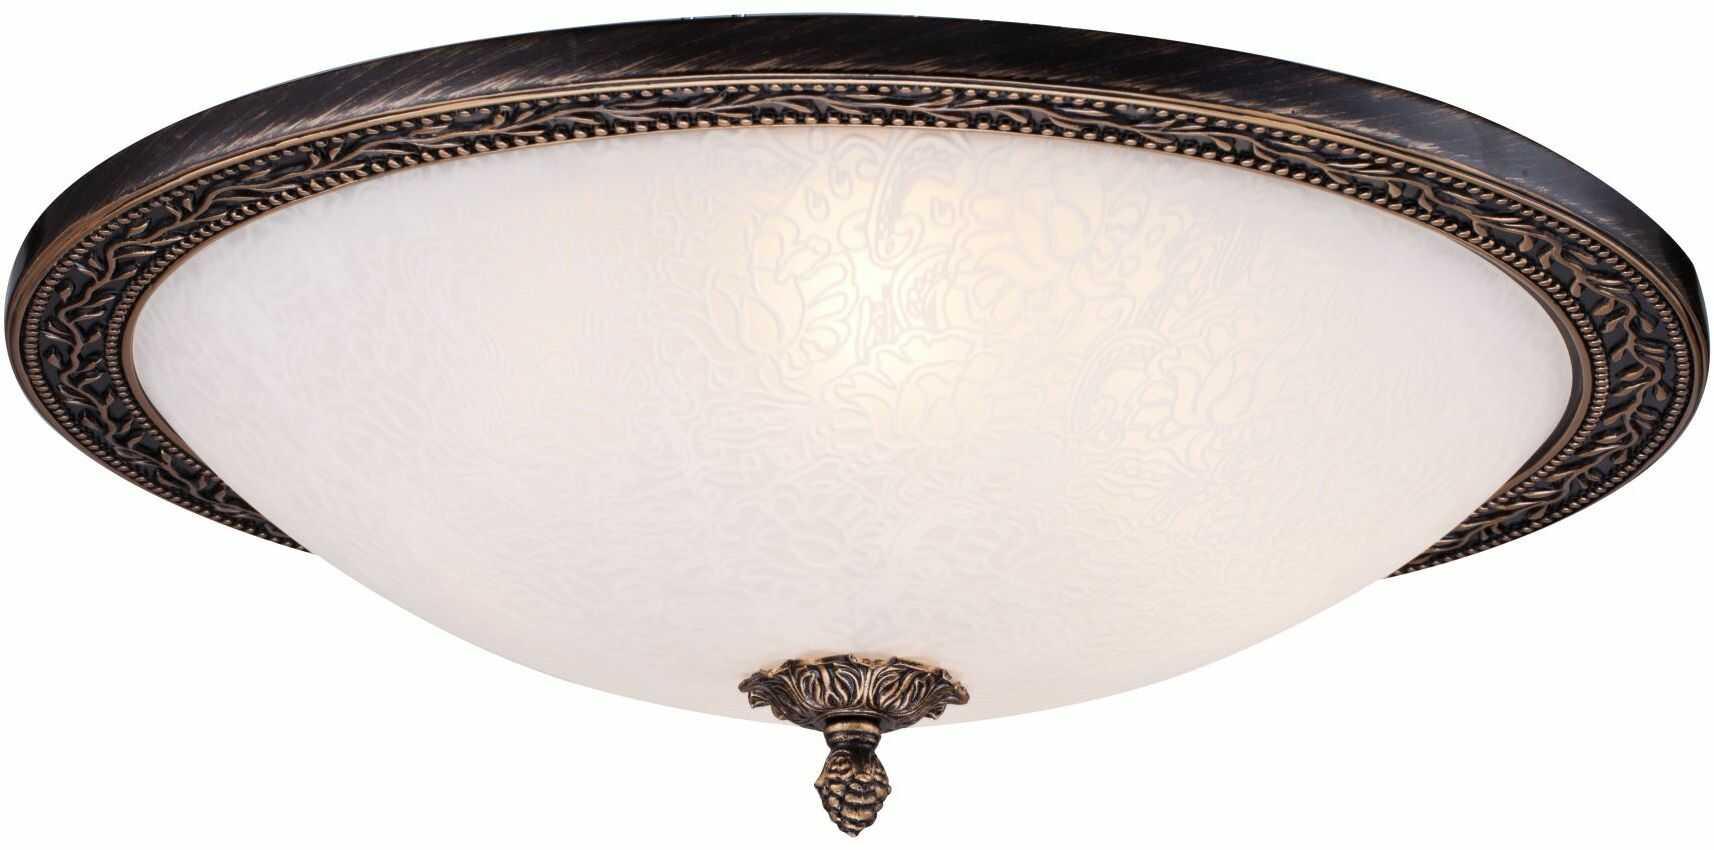 Maytoni Aritos C906-CL-04-R plafon lampa sufitowa metalowa ramka brązowy złoty klosz szkło białe piaskowane wzór 4xE27 40W 47 cm